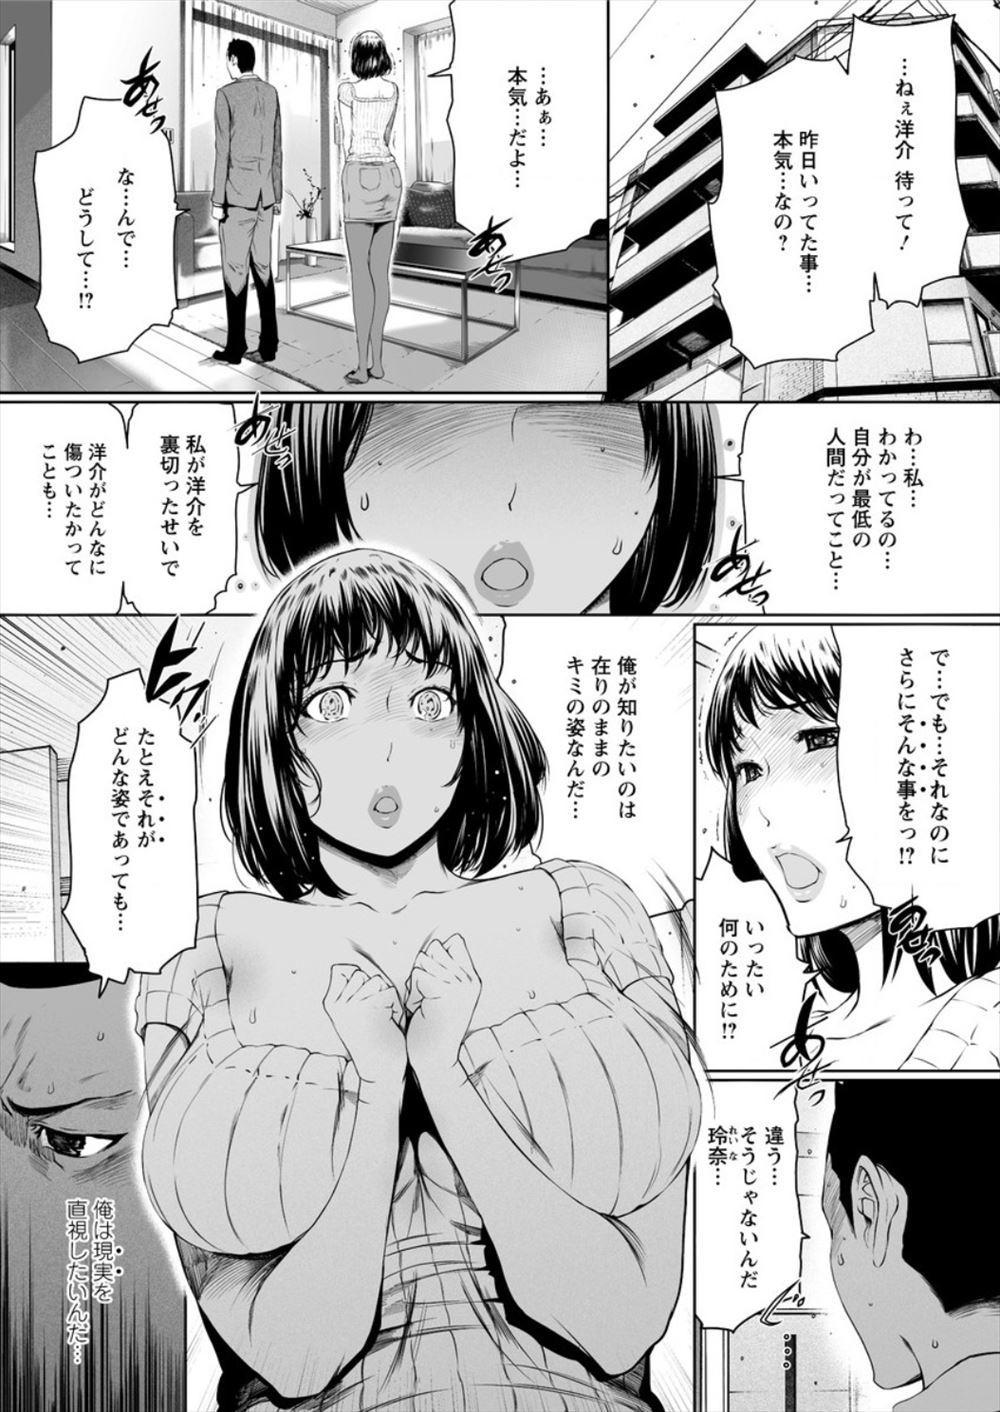 【エロ漫画】嫁はどうやら浮気の常習犯らしい。何かがぶち壊されてしまった旦那が、公認で嫁に浮気をさせ実況中継させる!